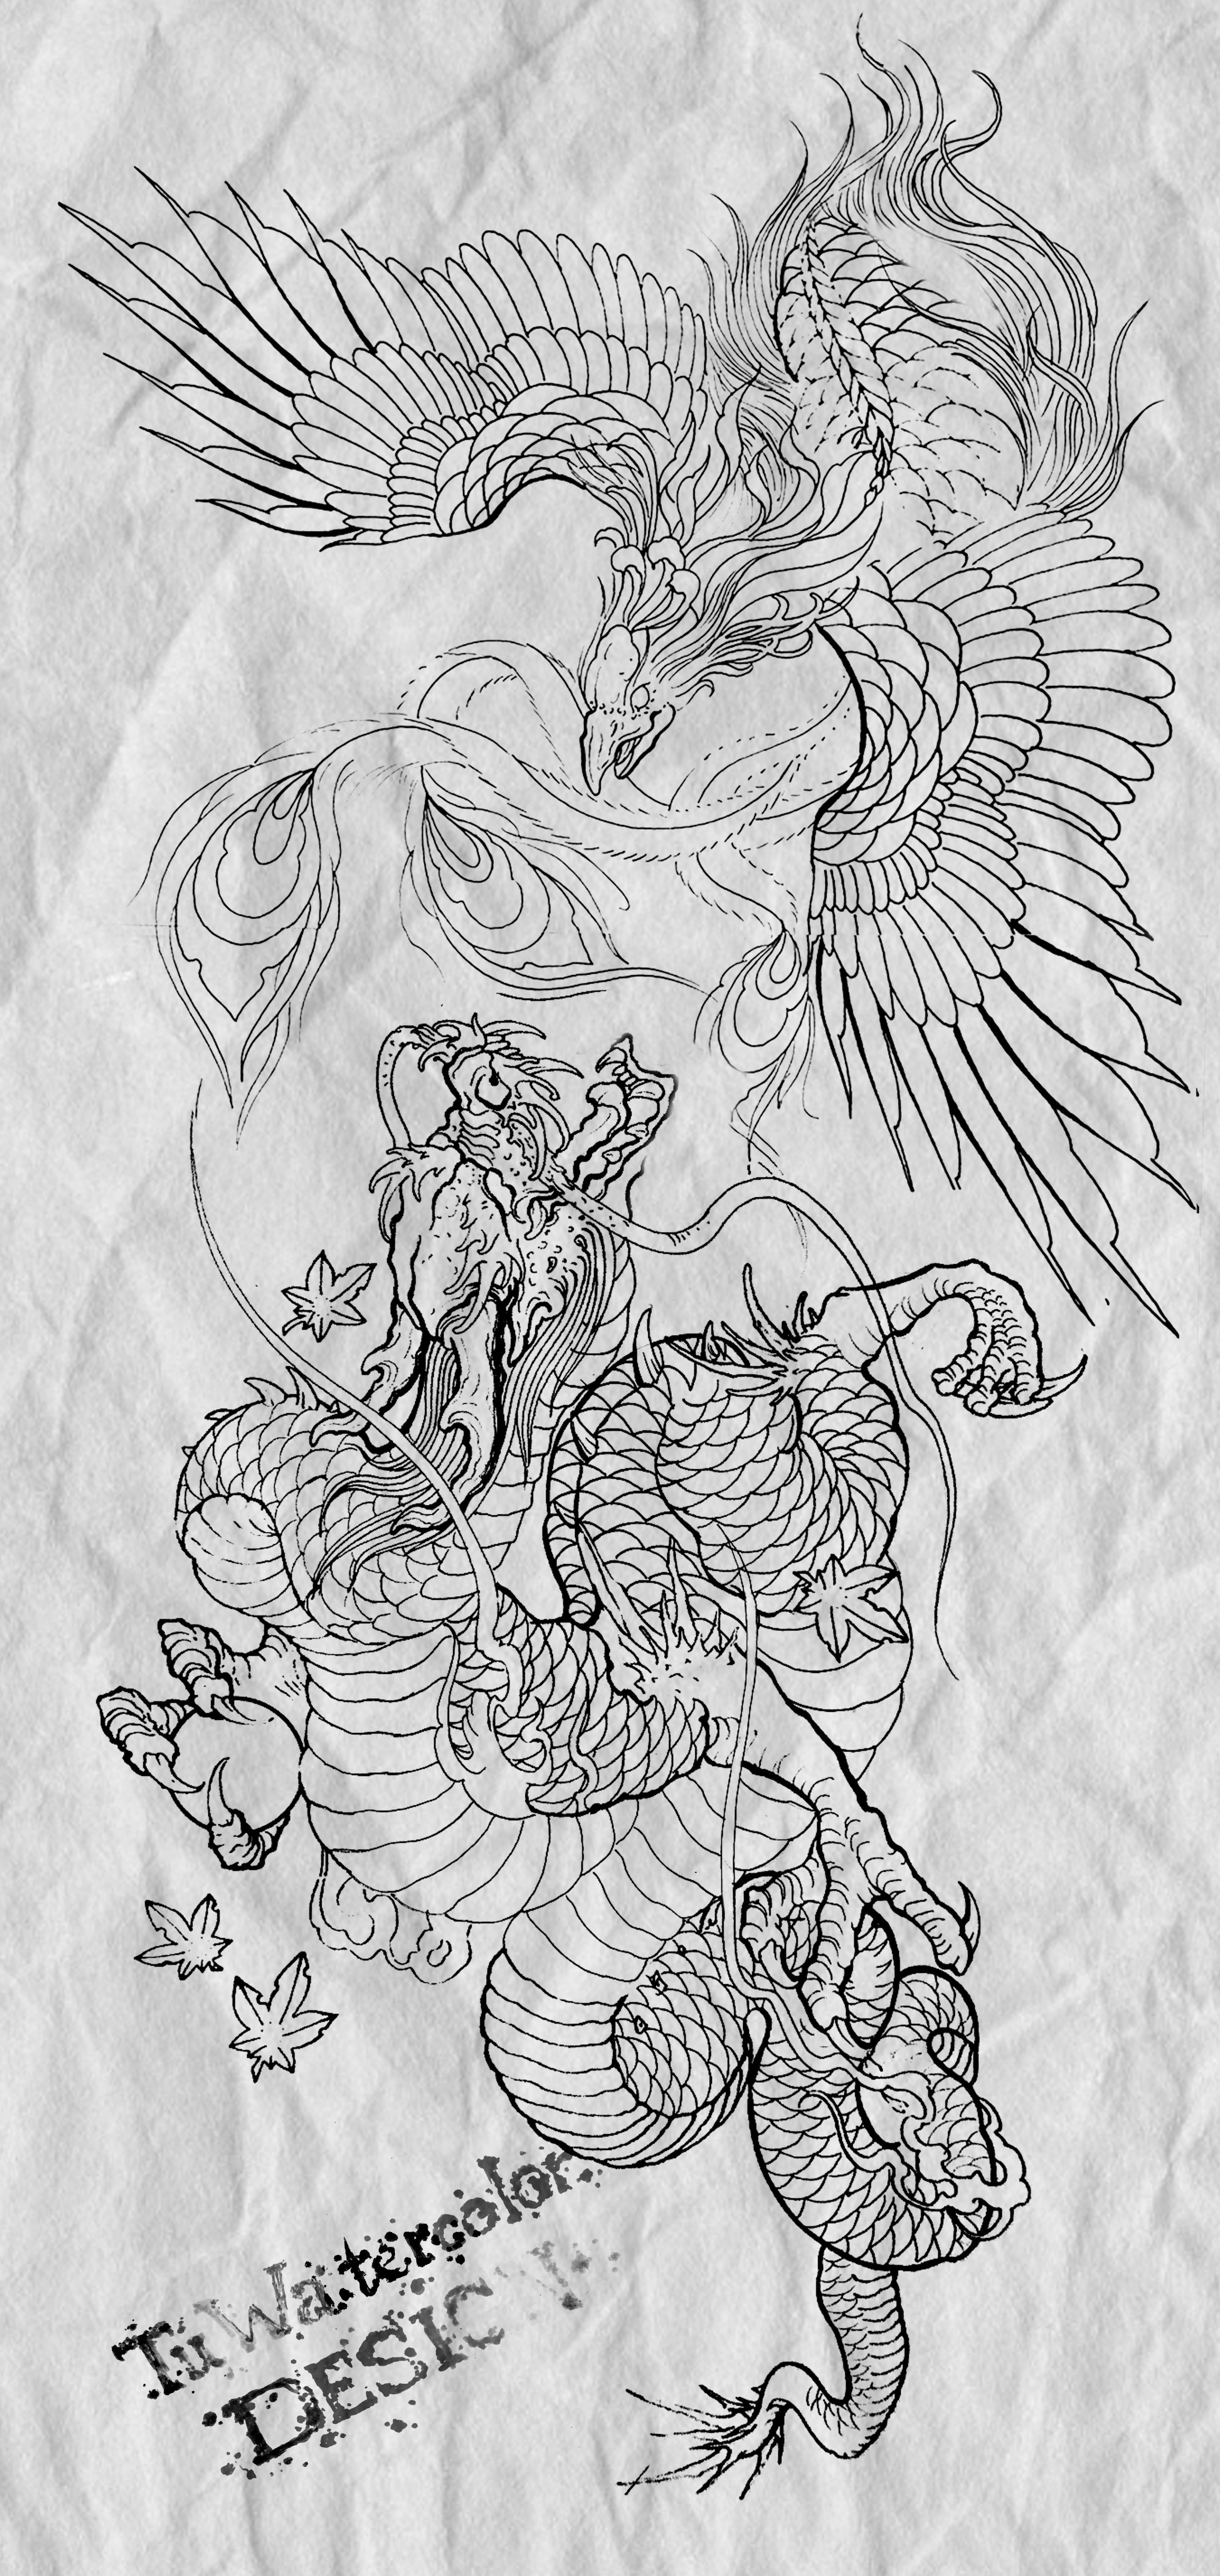 Hinh Xăm Rồng Va Phượng Hoang 2 Linh Vật Mạnh Nhất Trong Truyền Thuyết Chau A Livingroom Interiordesign K Phoenix Tattoo Japanese Tattoo Japanese Tattoo Art